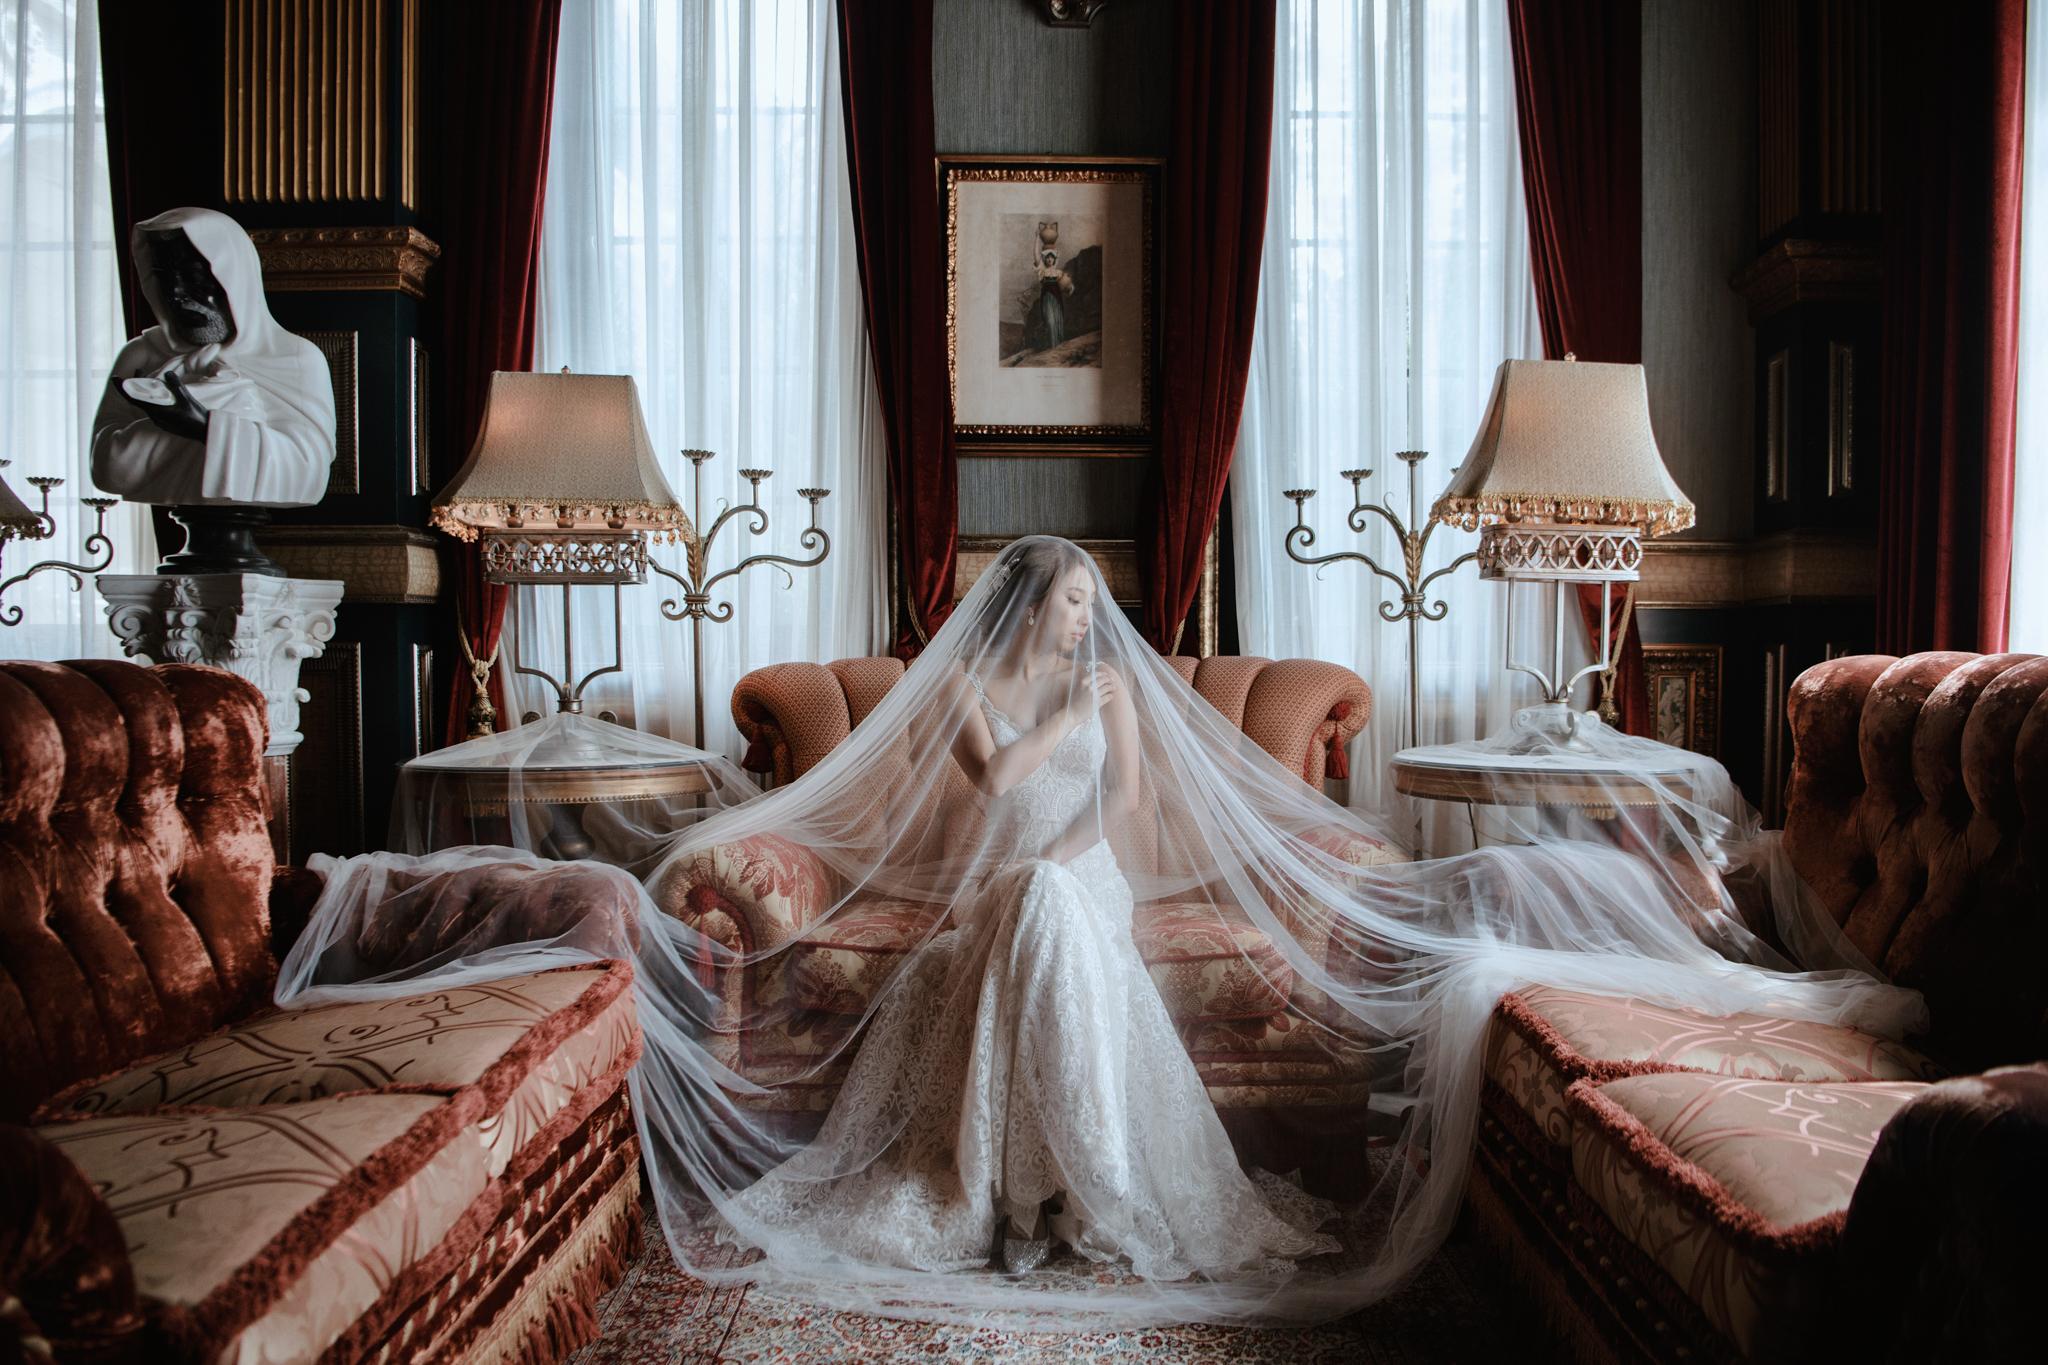 老英格蘭, 自主婚紗, 自助婚紗, 東法, 婚紗影像, 藝術婚禮, Donfer, Donfer Photography*, EASTERN WEDDING